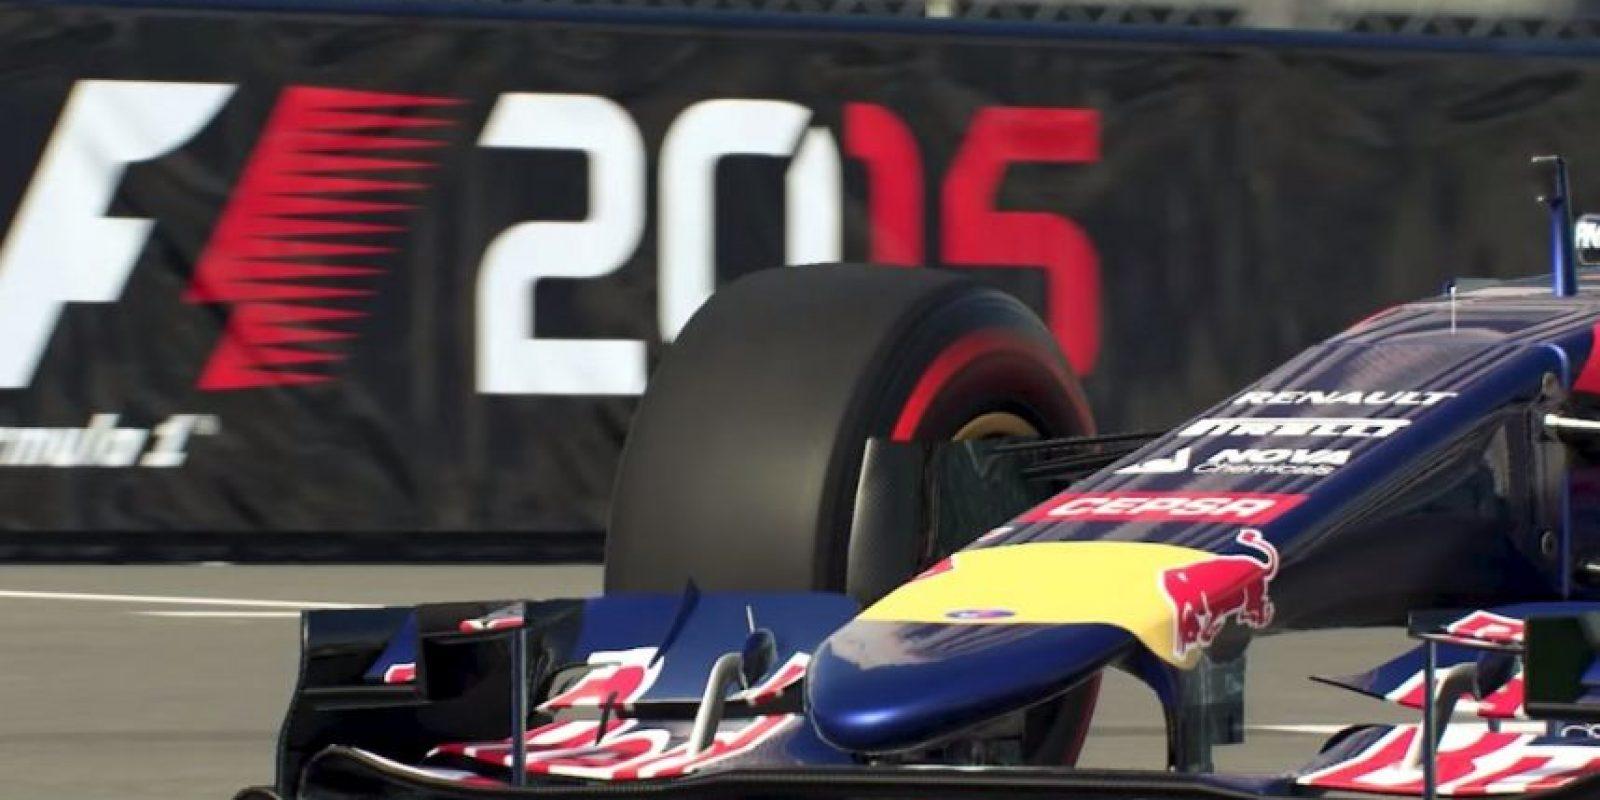 Fórmula 1 2015 ya está disponible para Xbox One, PS4 y PC. Foto:Namco Bandai